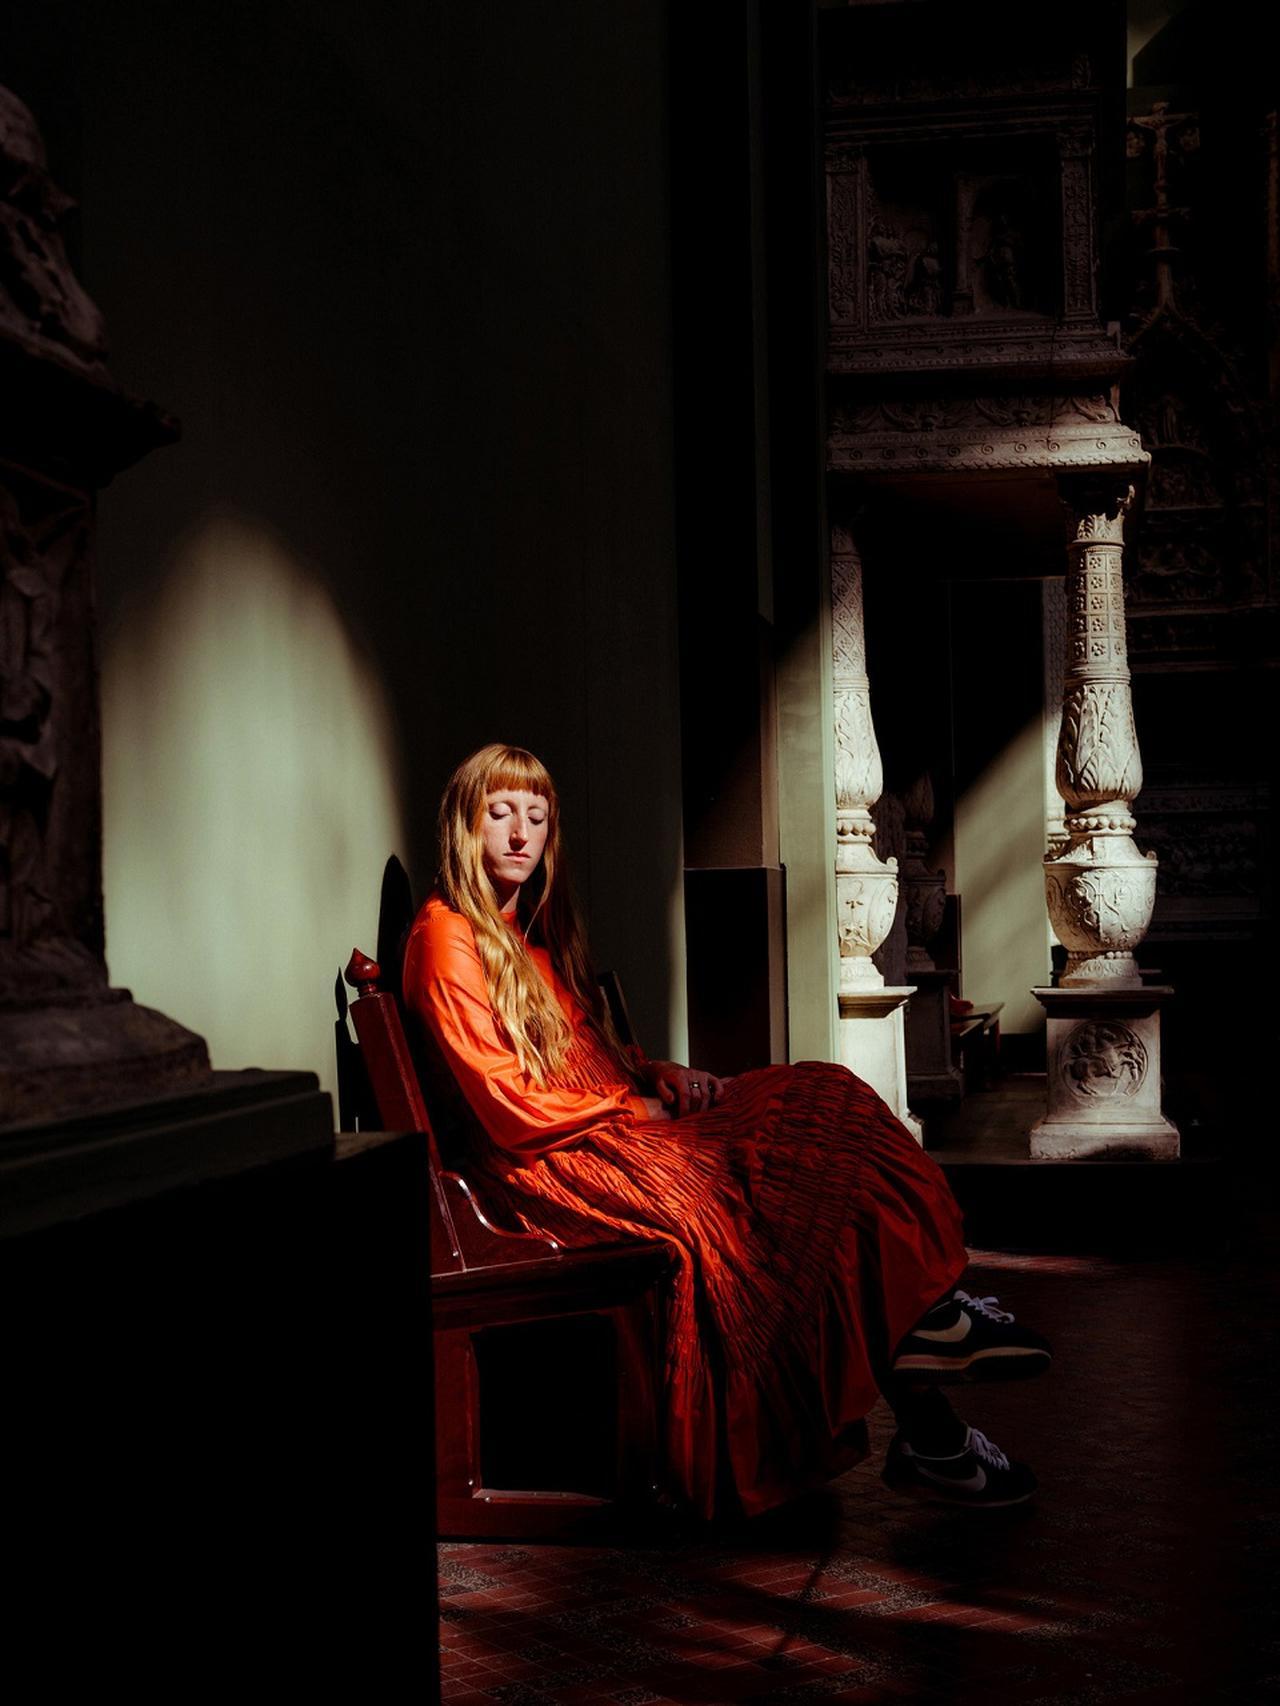 Images : 9番目の画像 - 「期待の若手デザイナー、 モリー・ゴダードの凱旋」のアルバム - T JAPAN:The New York Times Style Magazine 公式サイト